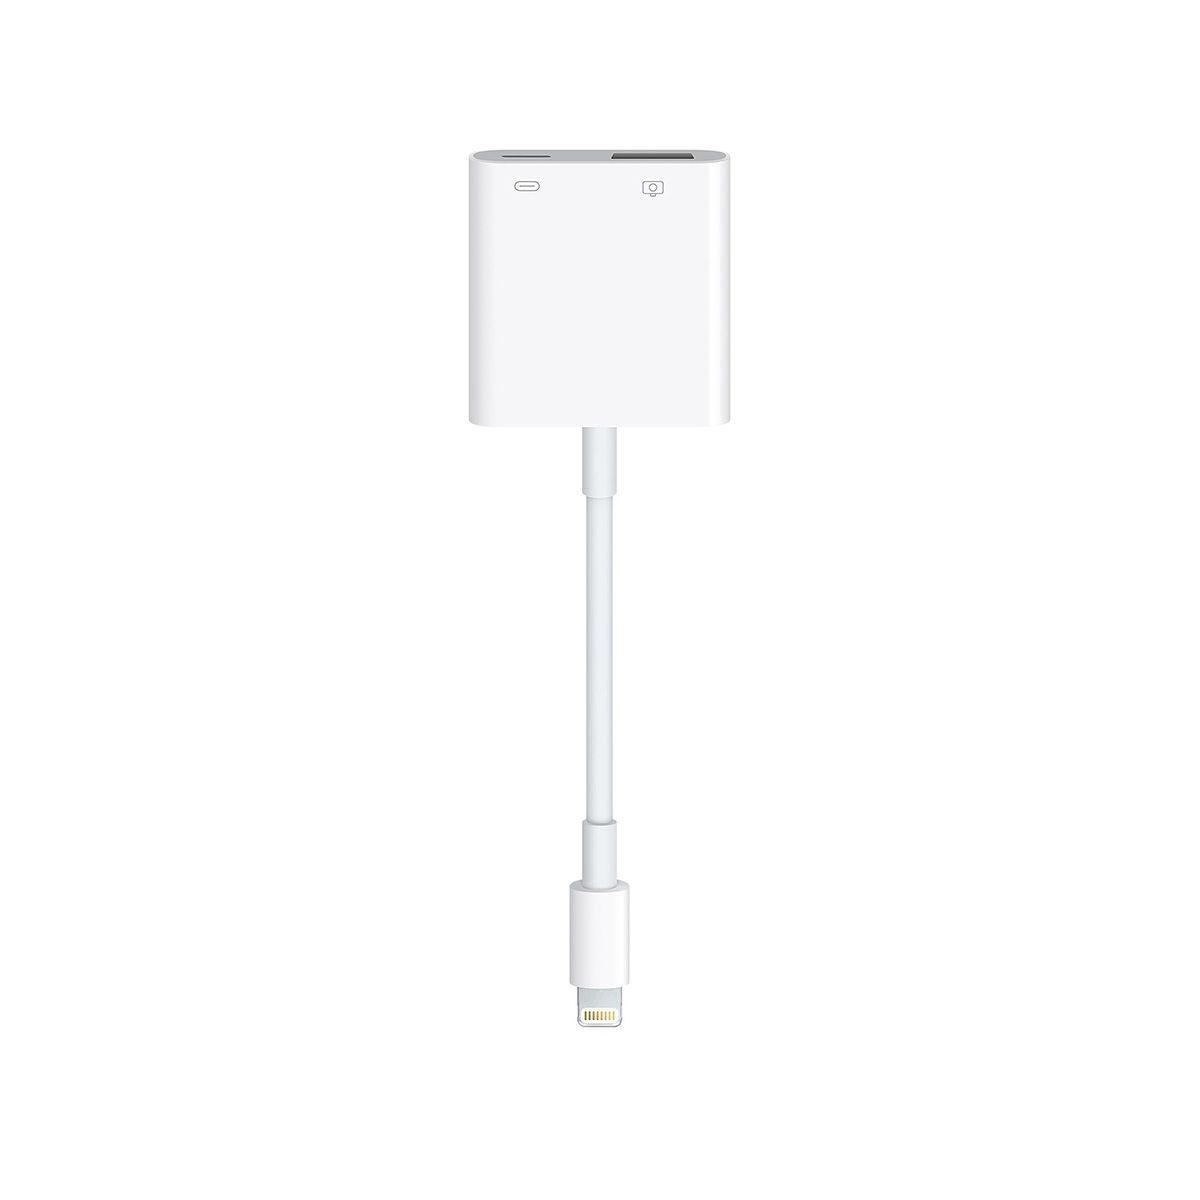 apple_lightning_to_usb3_camera_adapter